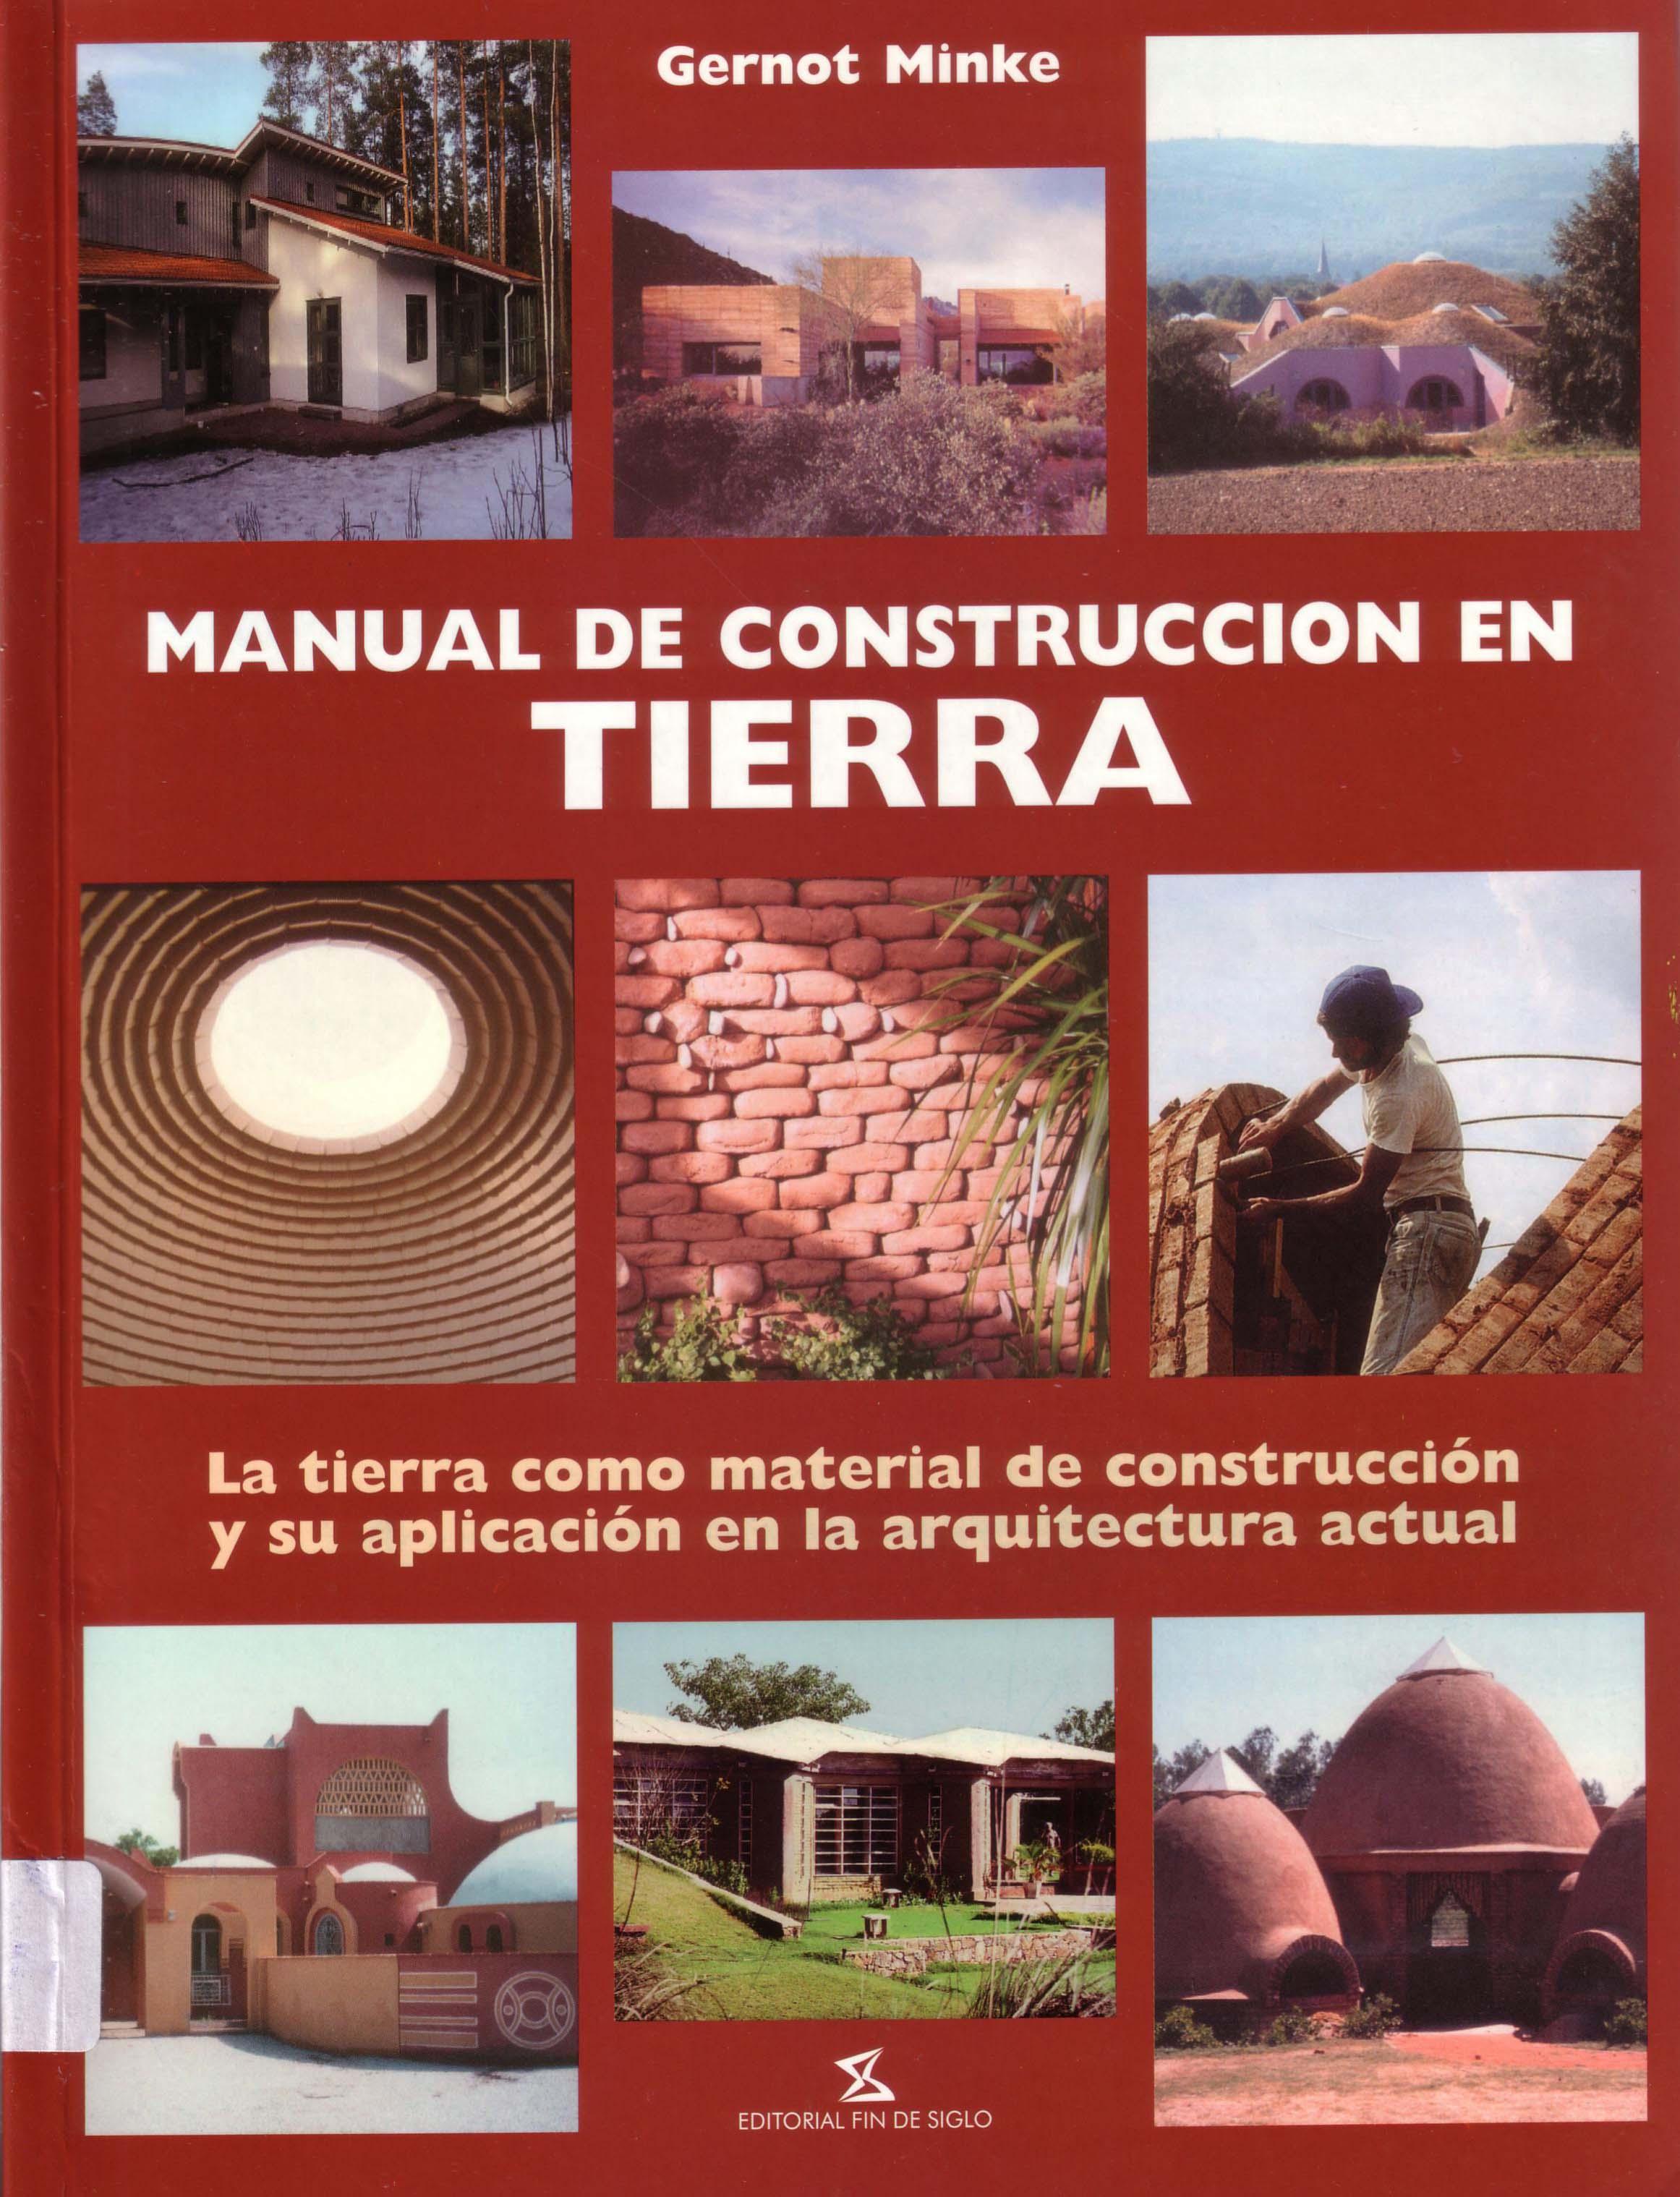 manual_de_construccion_en_tierra_-_gernot_minke-1